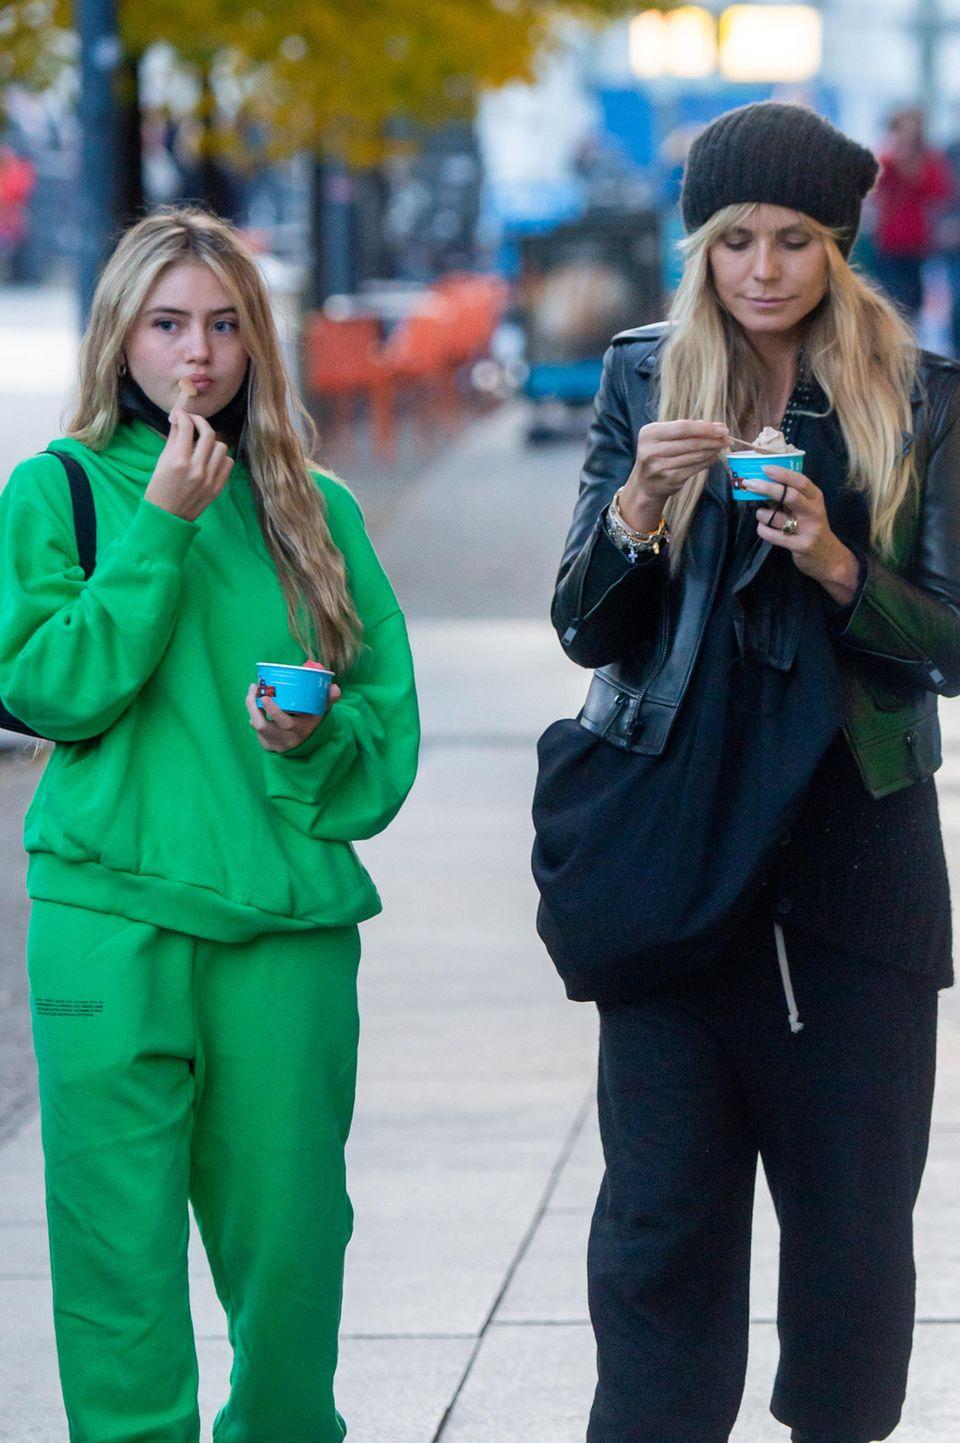 Leni und Heidi lieben Eis! Doch während die Tochter dieses lieber im knallig grünen Sweat-Set schleckt, trägt Heidi eine rockige Lederjacke und eine schwarze Beanie-Mütze.